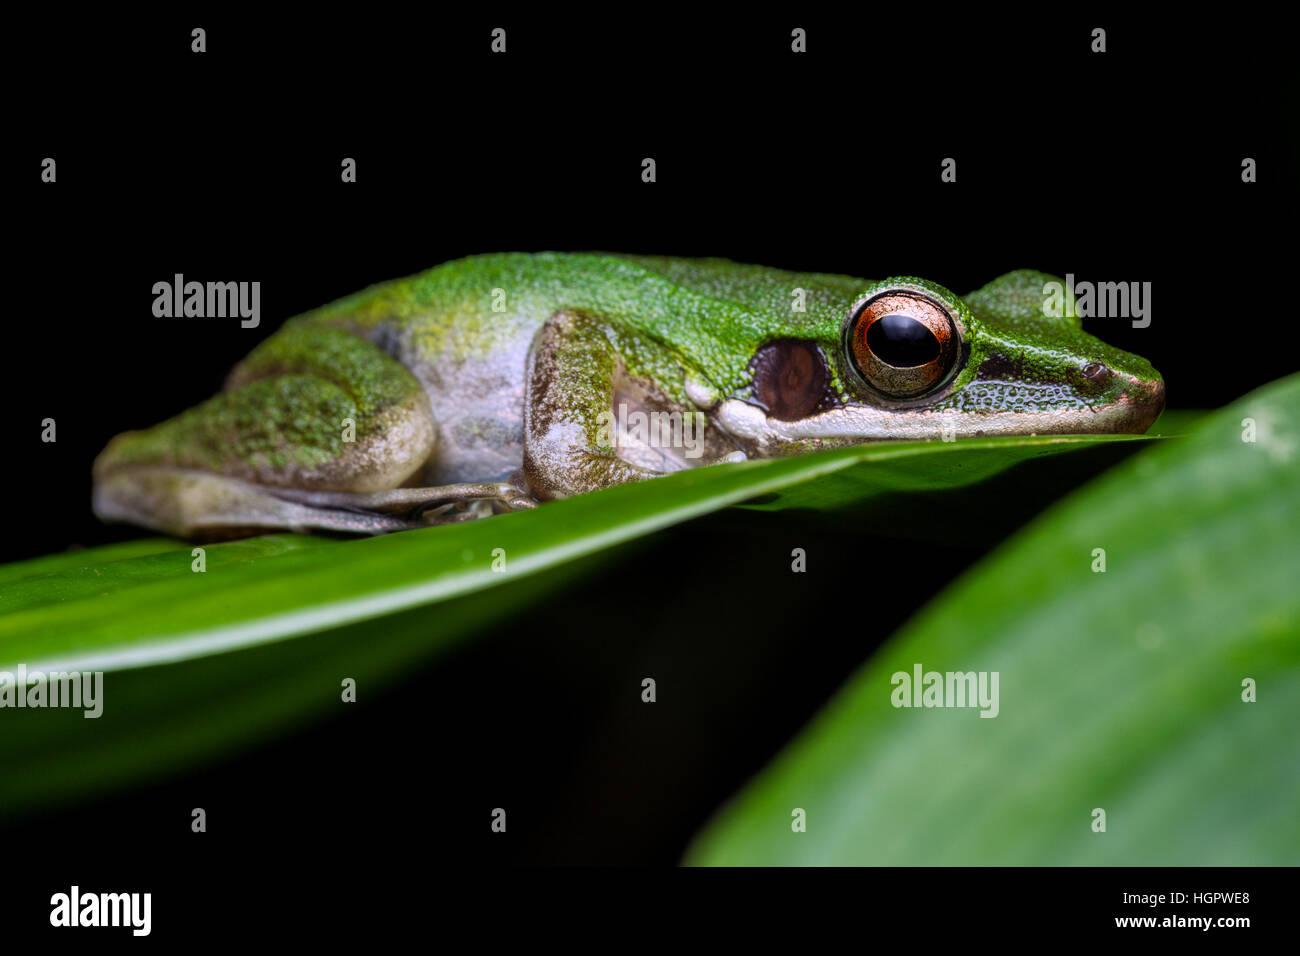 White-lipped Frog (Hylarana labialis) - Stock Image